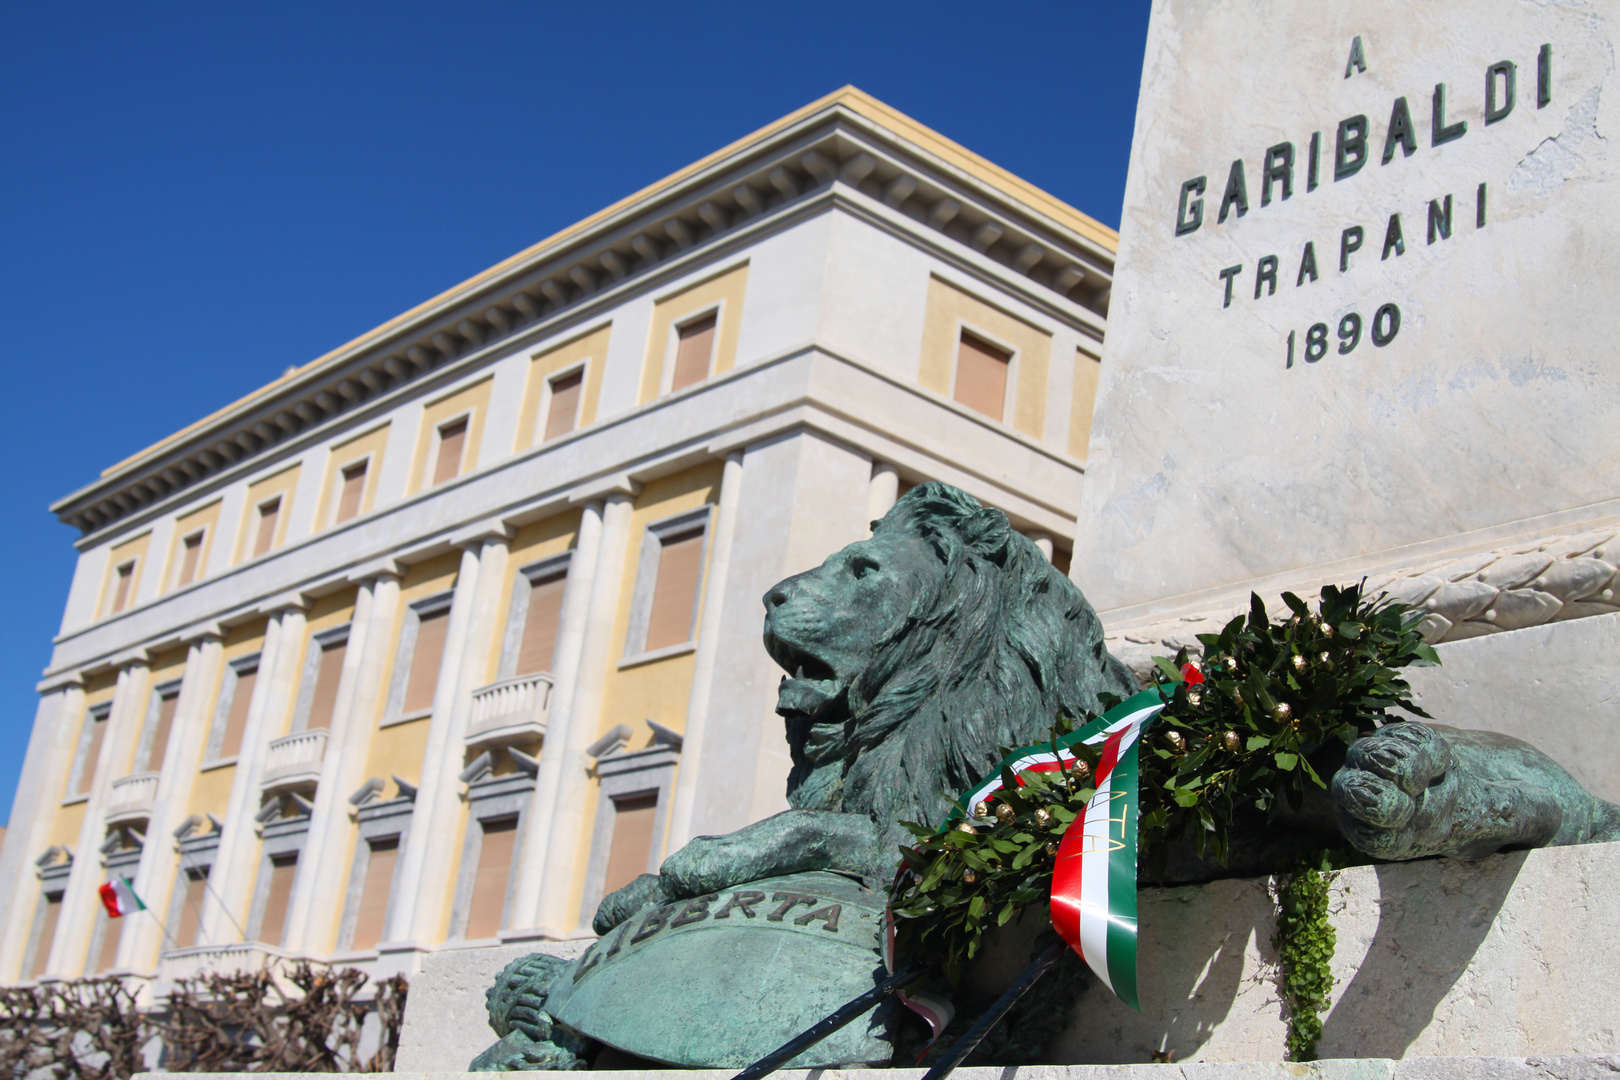 A Garibaldi